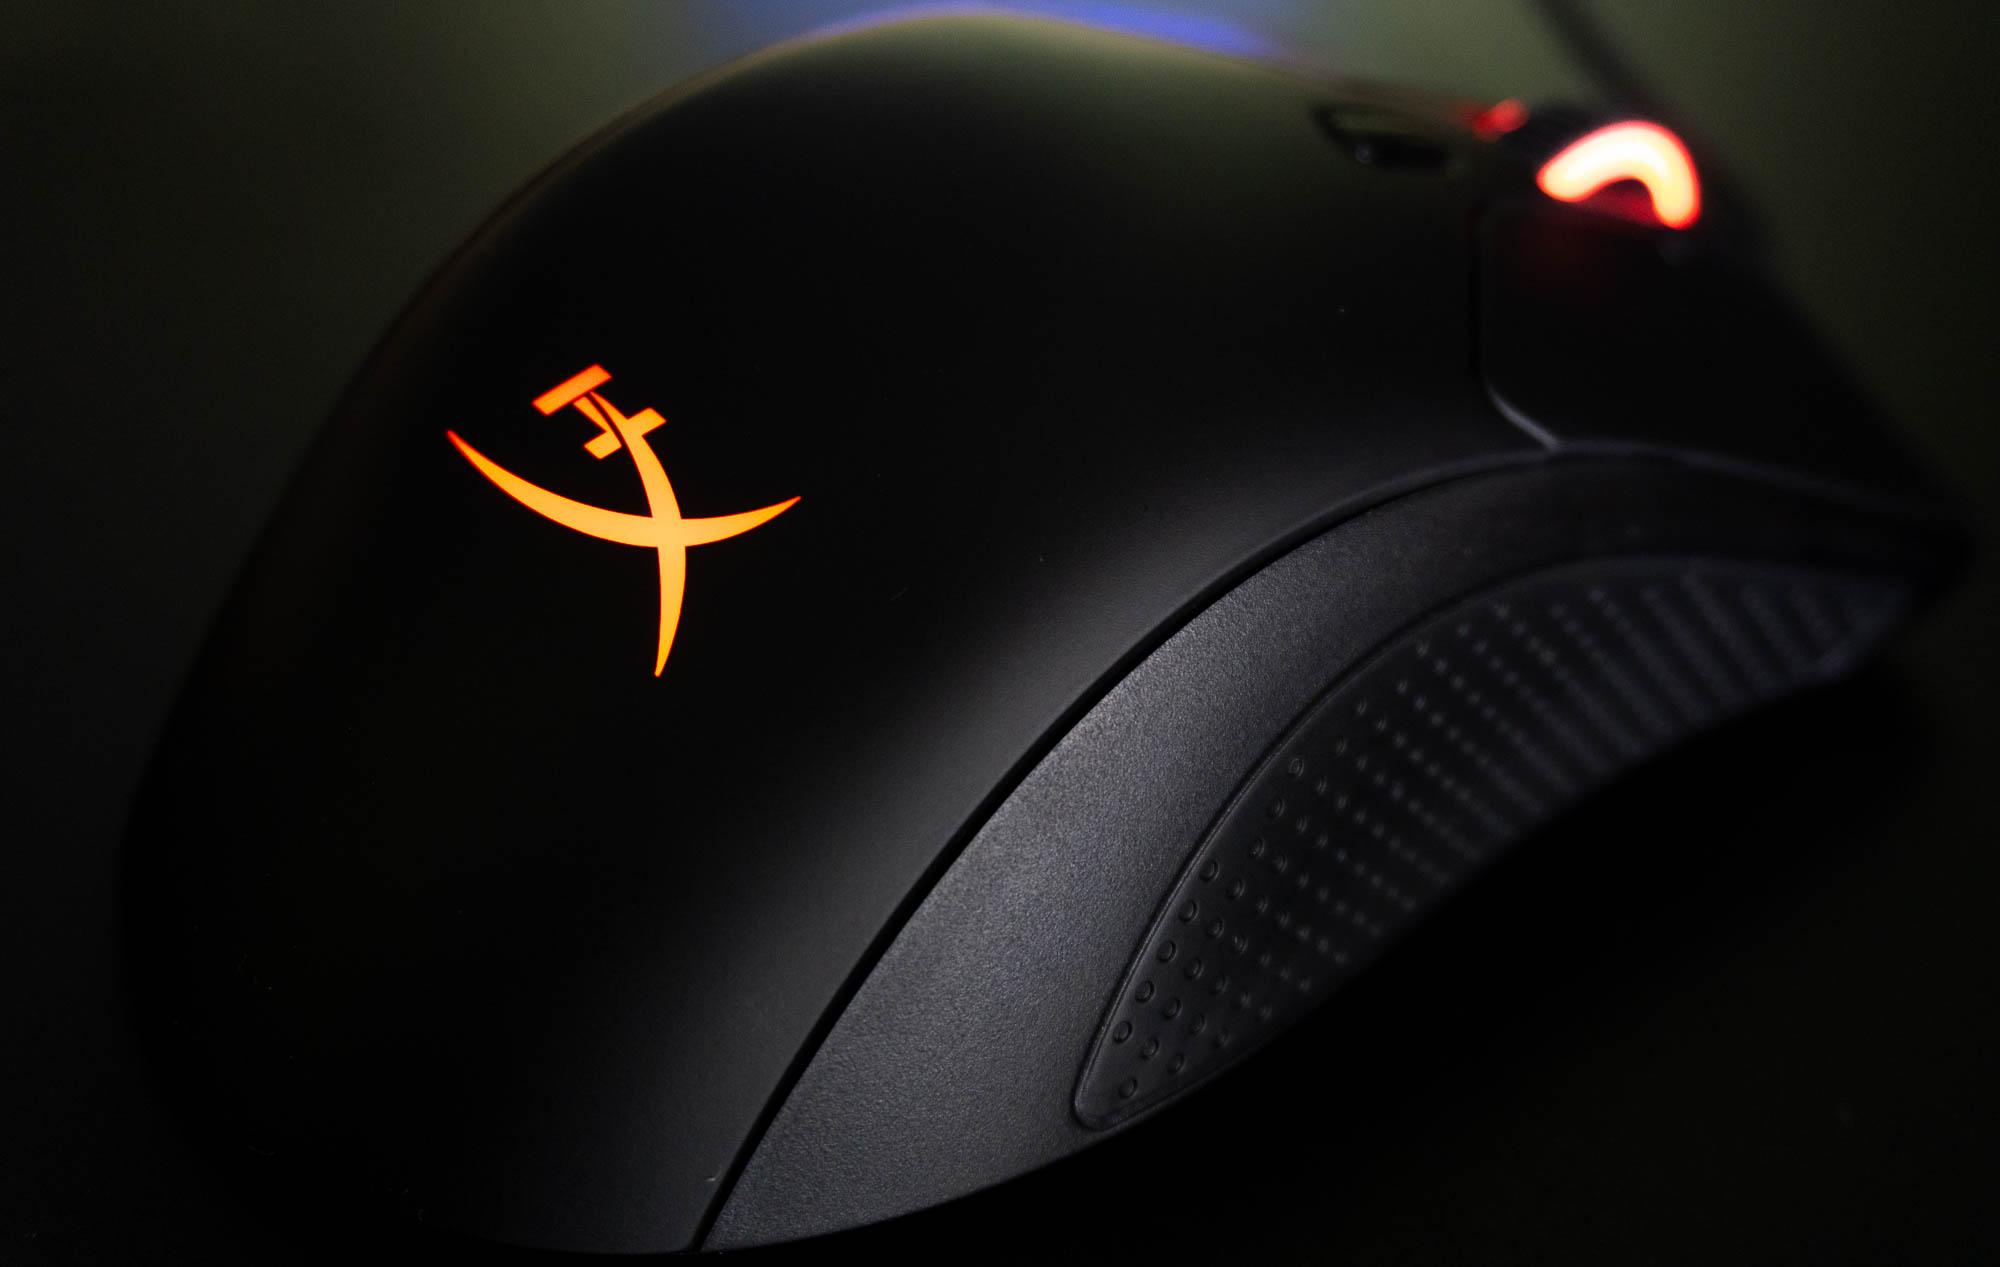 Liczy się każdy klik: recenzja myszy HyperX Pulsefire Raid i podkładki Fury Ultra